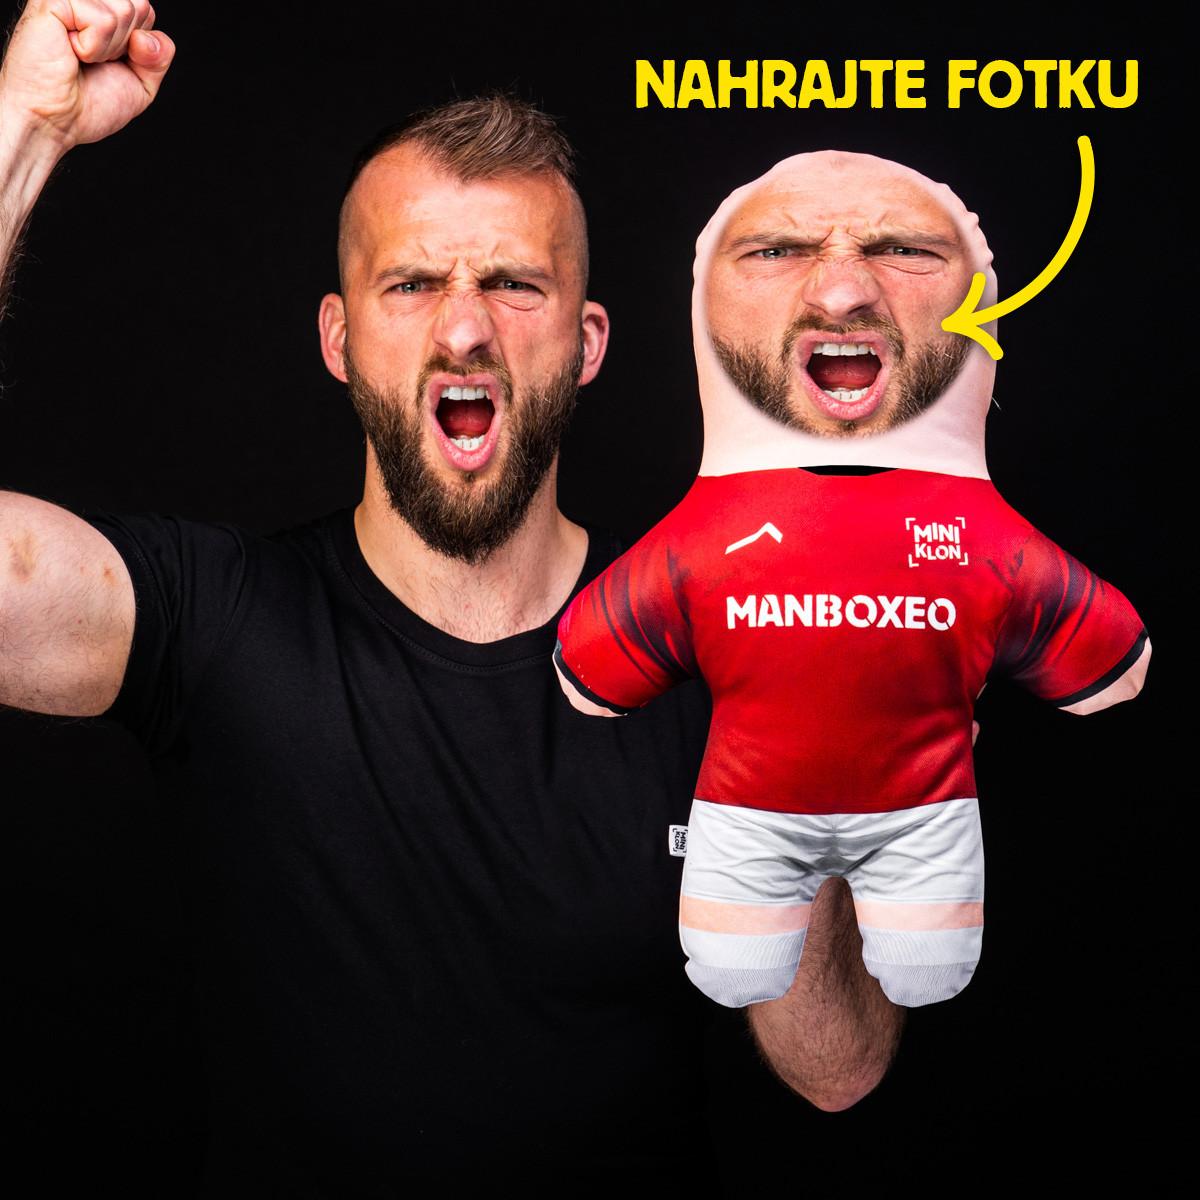 MiniKlon Rudý fotbalista